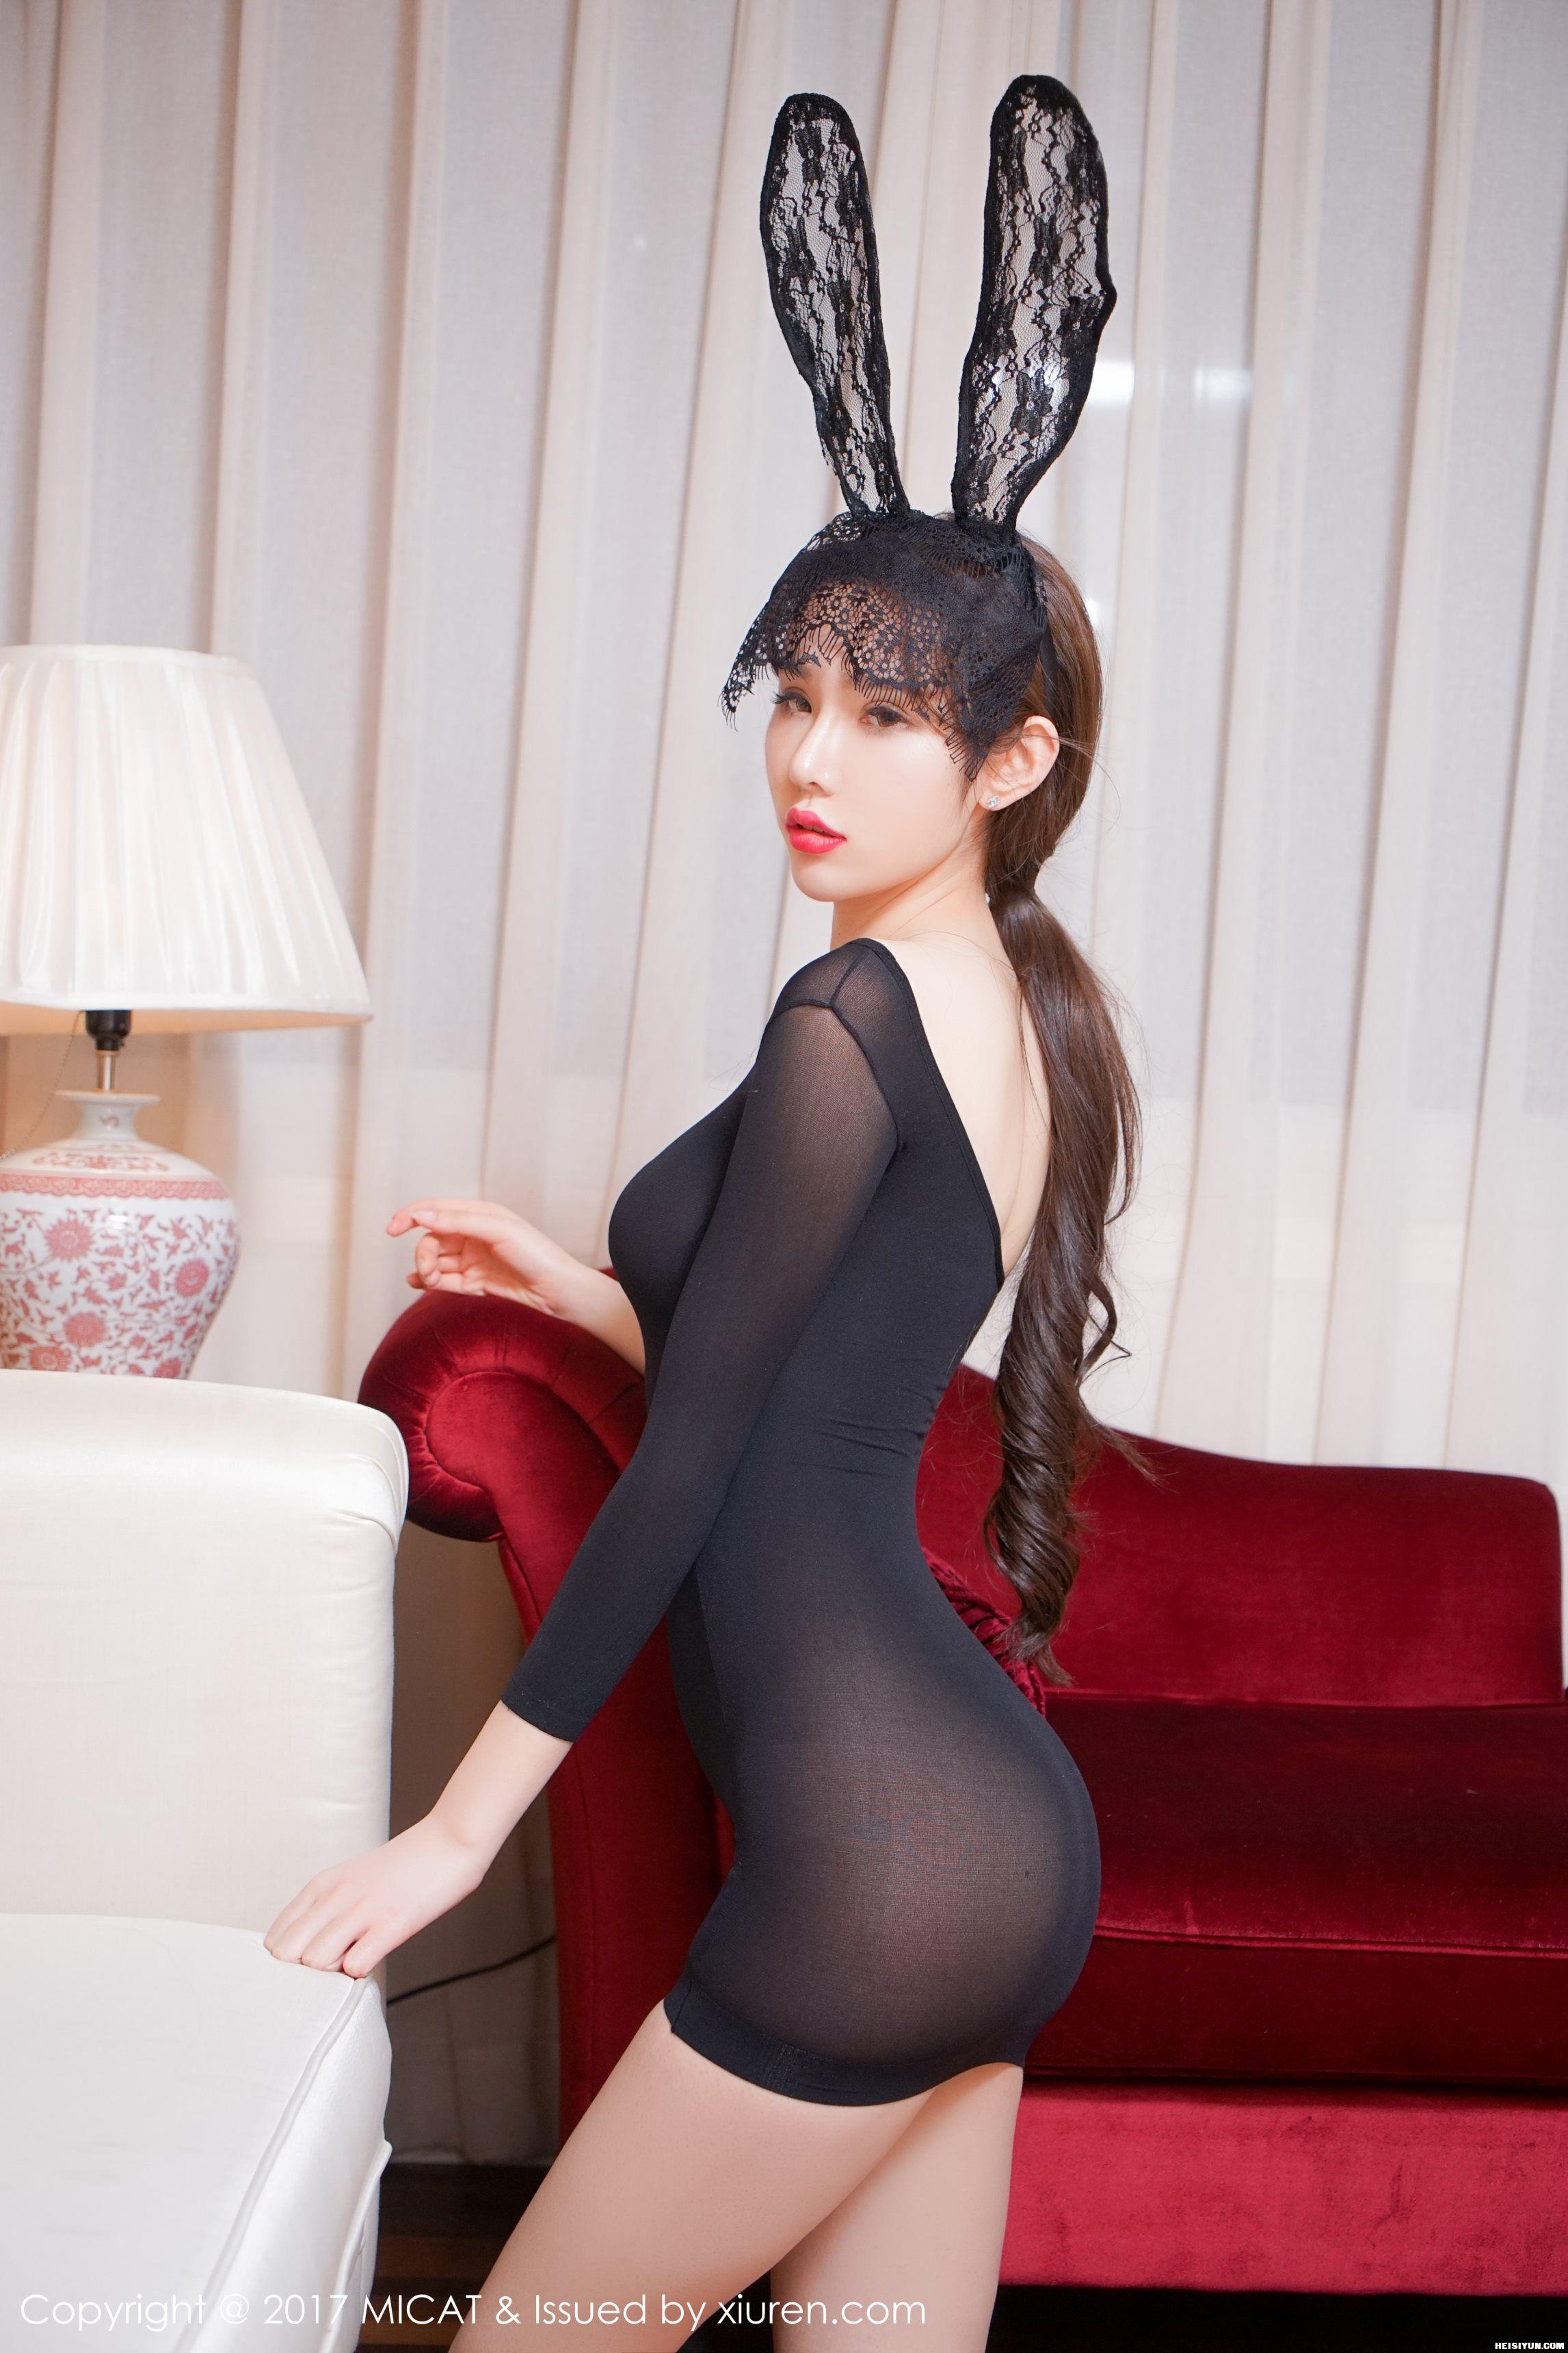 [MICAT猫萌榜] 2017.06.02 Vol.005 萌琪琪Irene [47+1P]